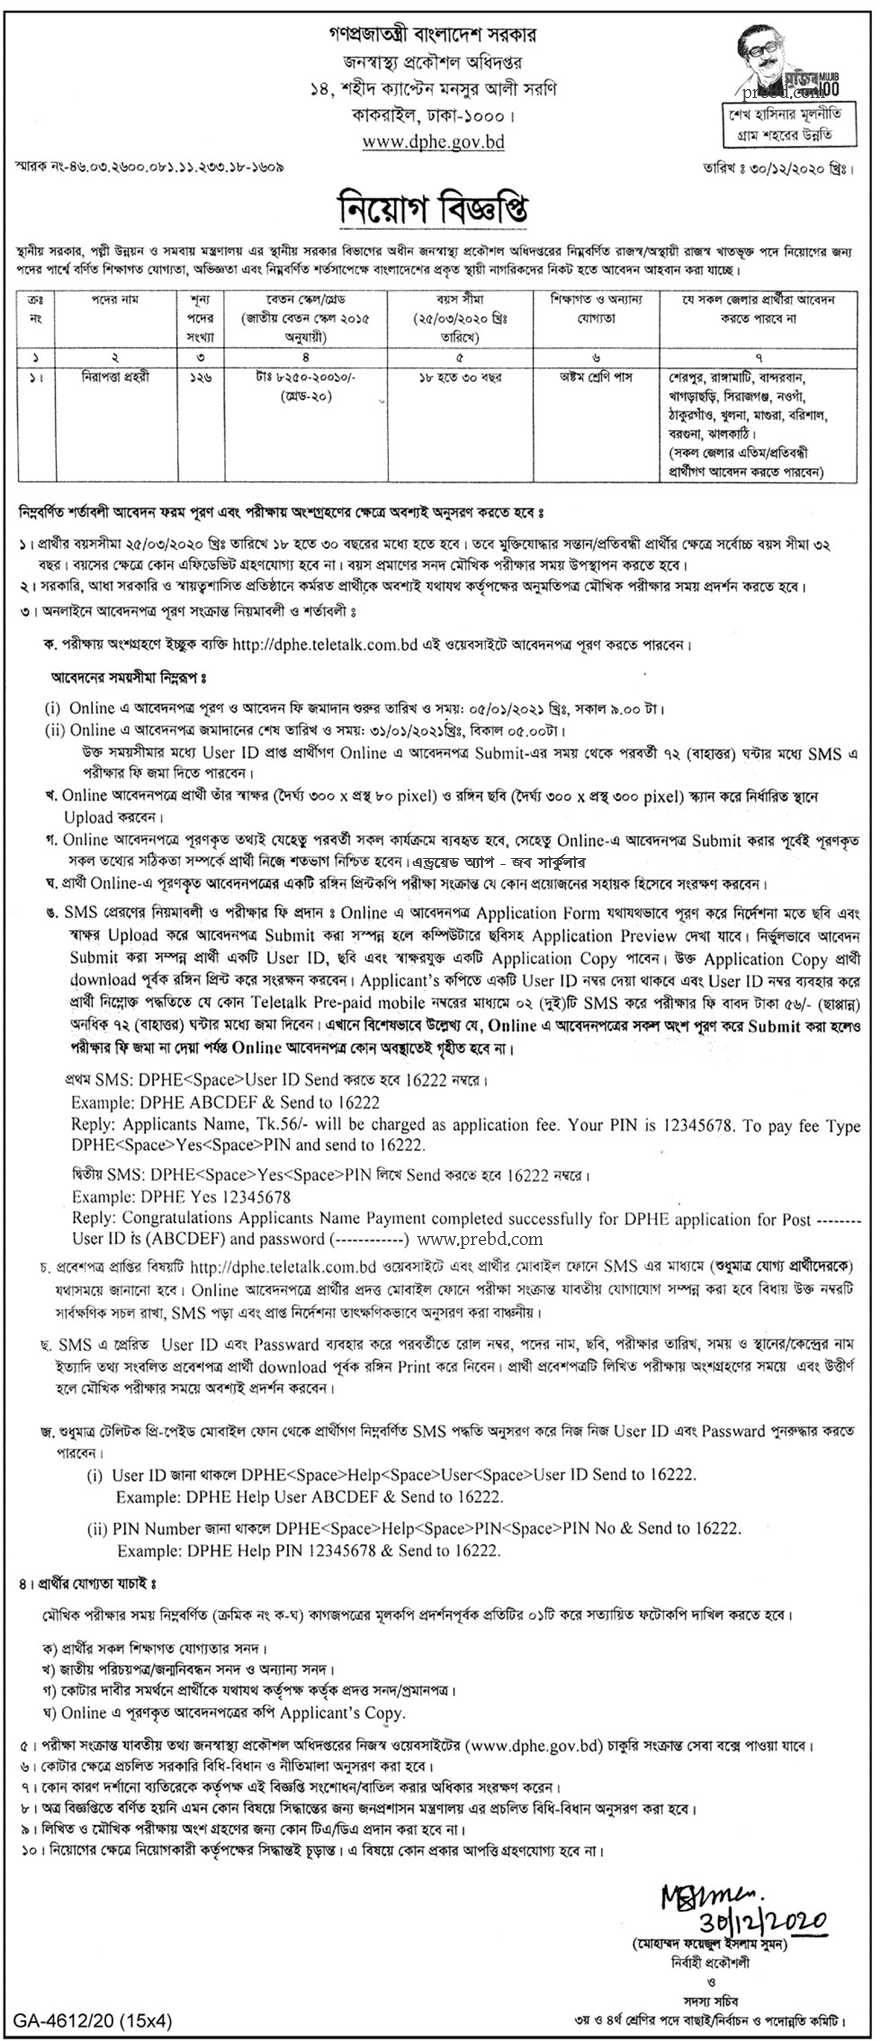 জনস্বাস্থ্য প্রকৌশল অধিদপ্তর (dphe) এ নিয়োগ বিজ্ঞপ্তি ২০২১ | www.dphe.gov.bd Job Circular 2021